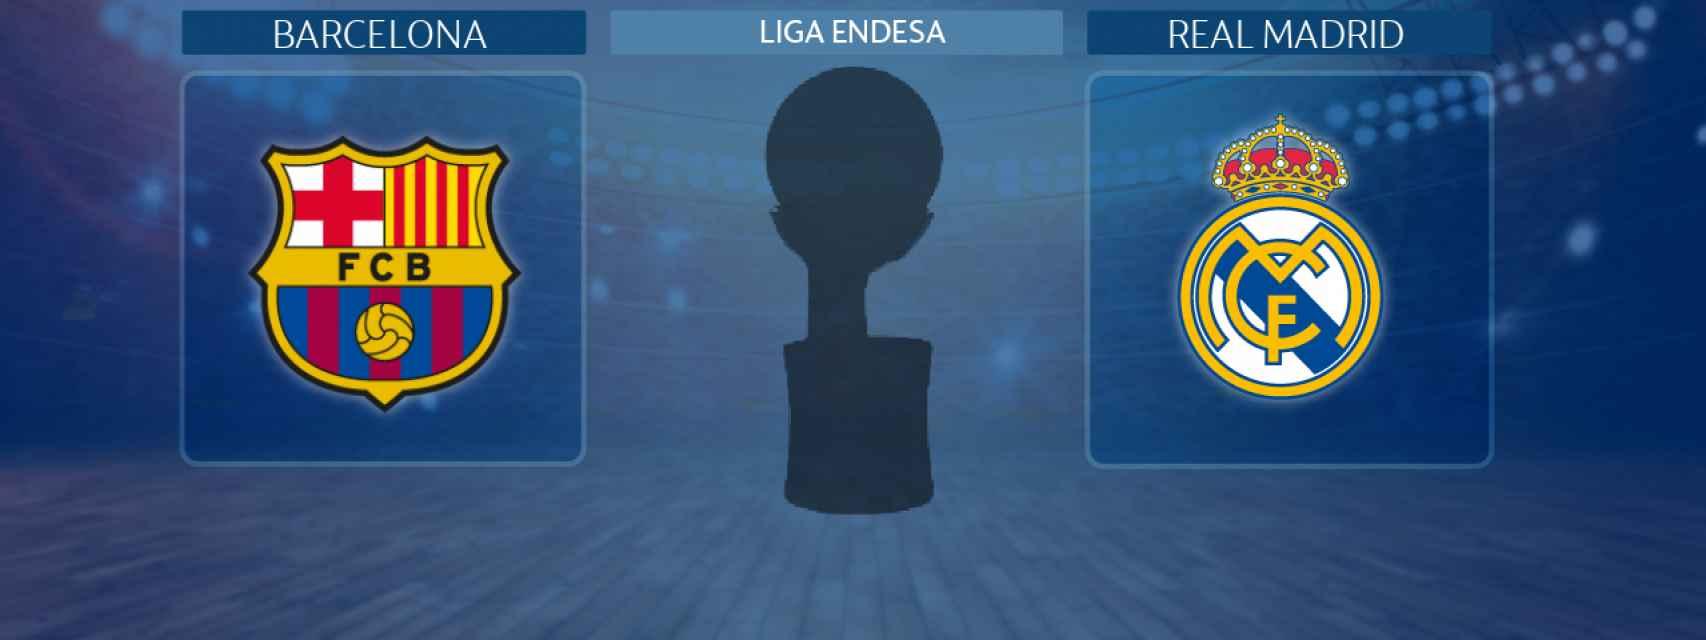 Barcelona - Real Madrid, final de la Liga Endesa